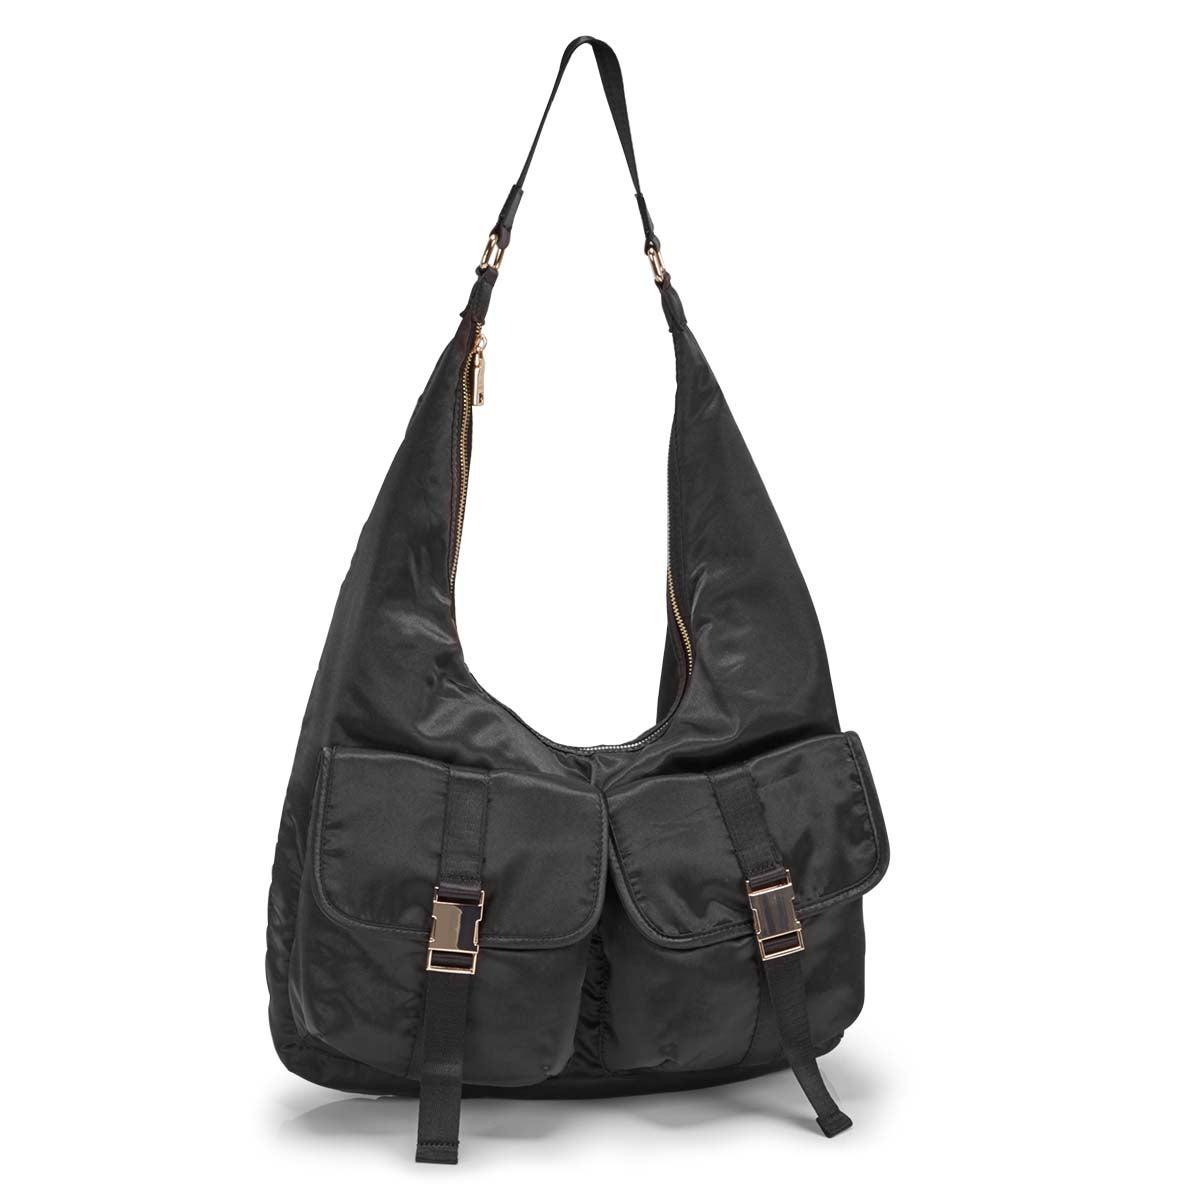 Lds BCole black hobo bag